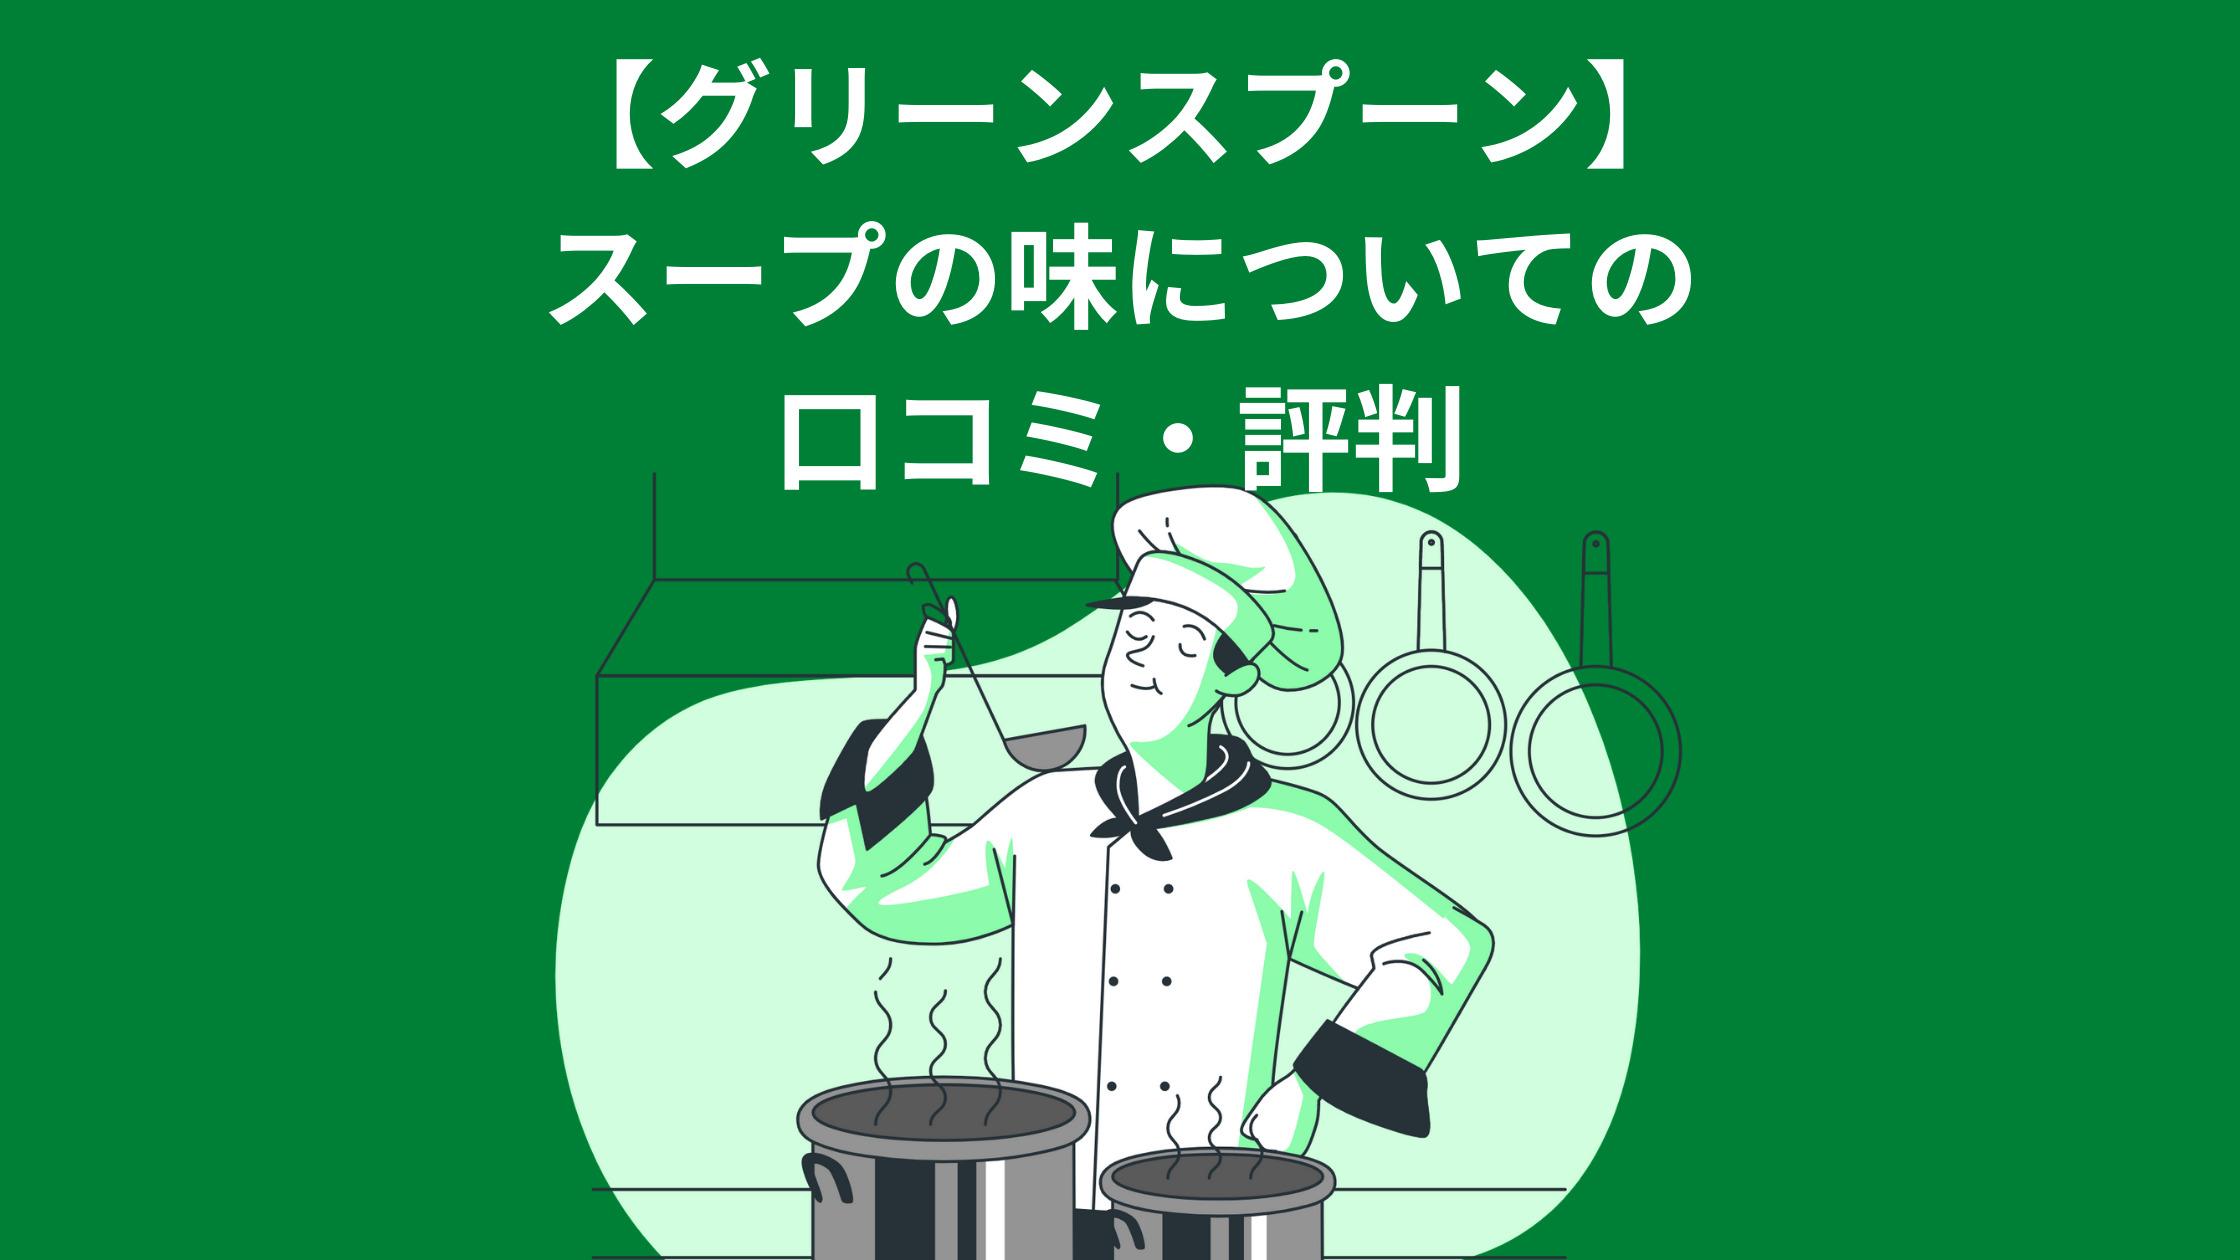 【グリーンスプーン】 スープの味についての 口コミ・評判